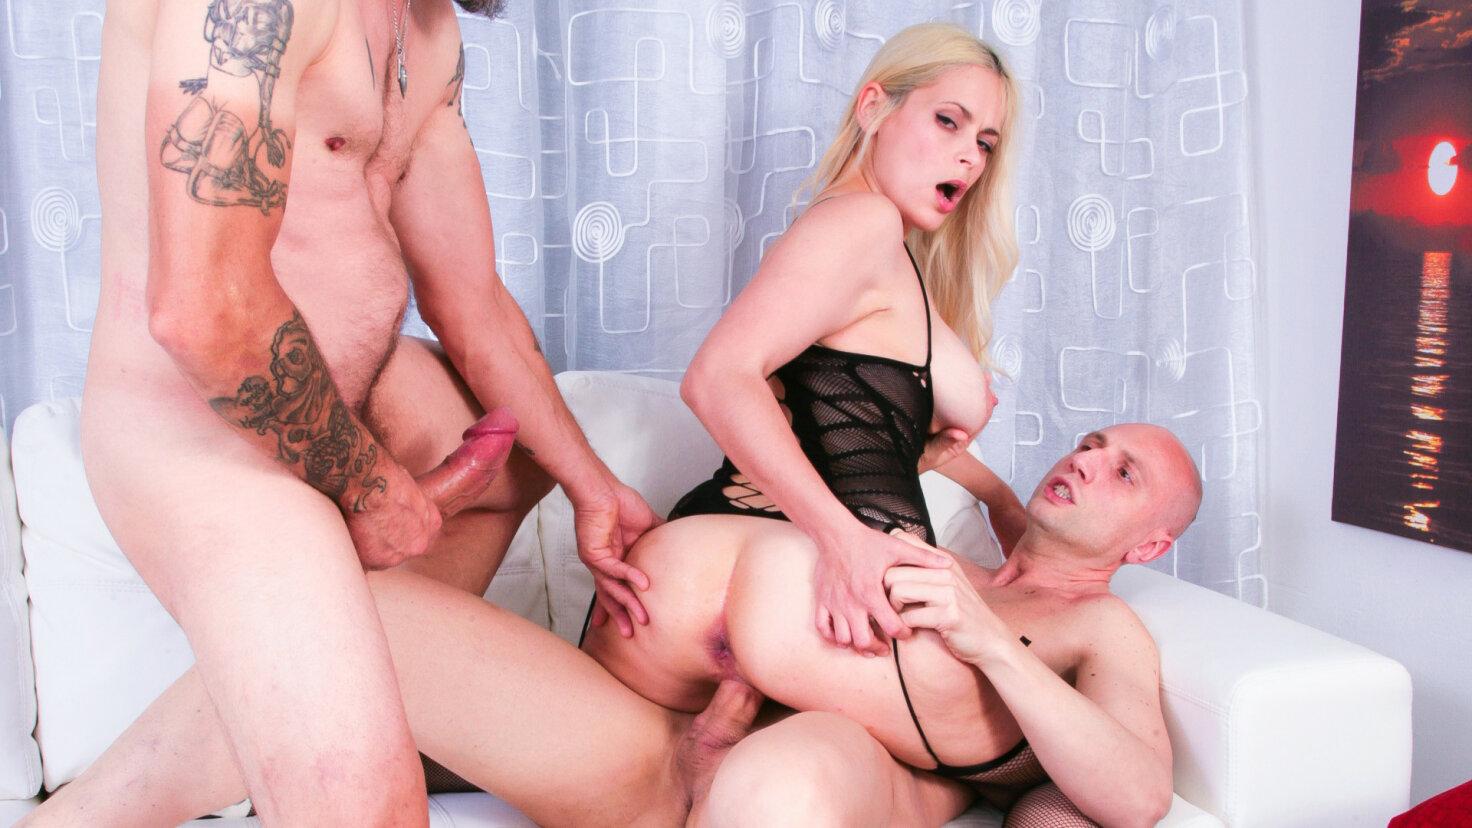 Blonde Ukrainian newbie Vittoria Dolce in wild MMF threesome casting